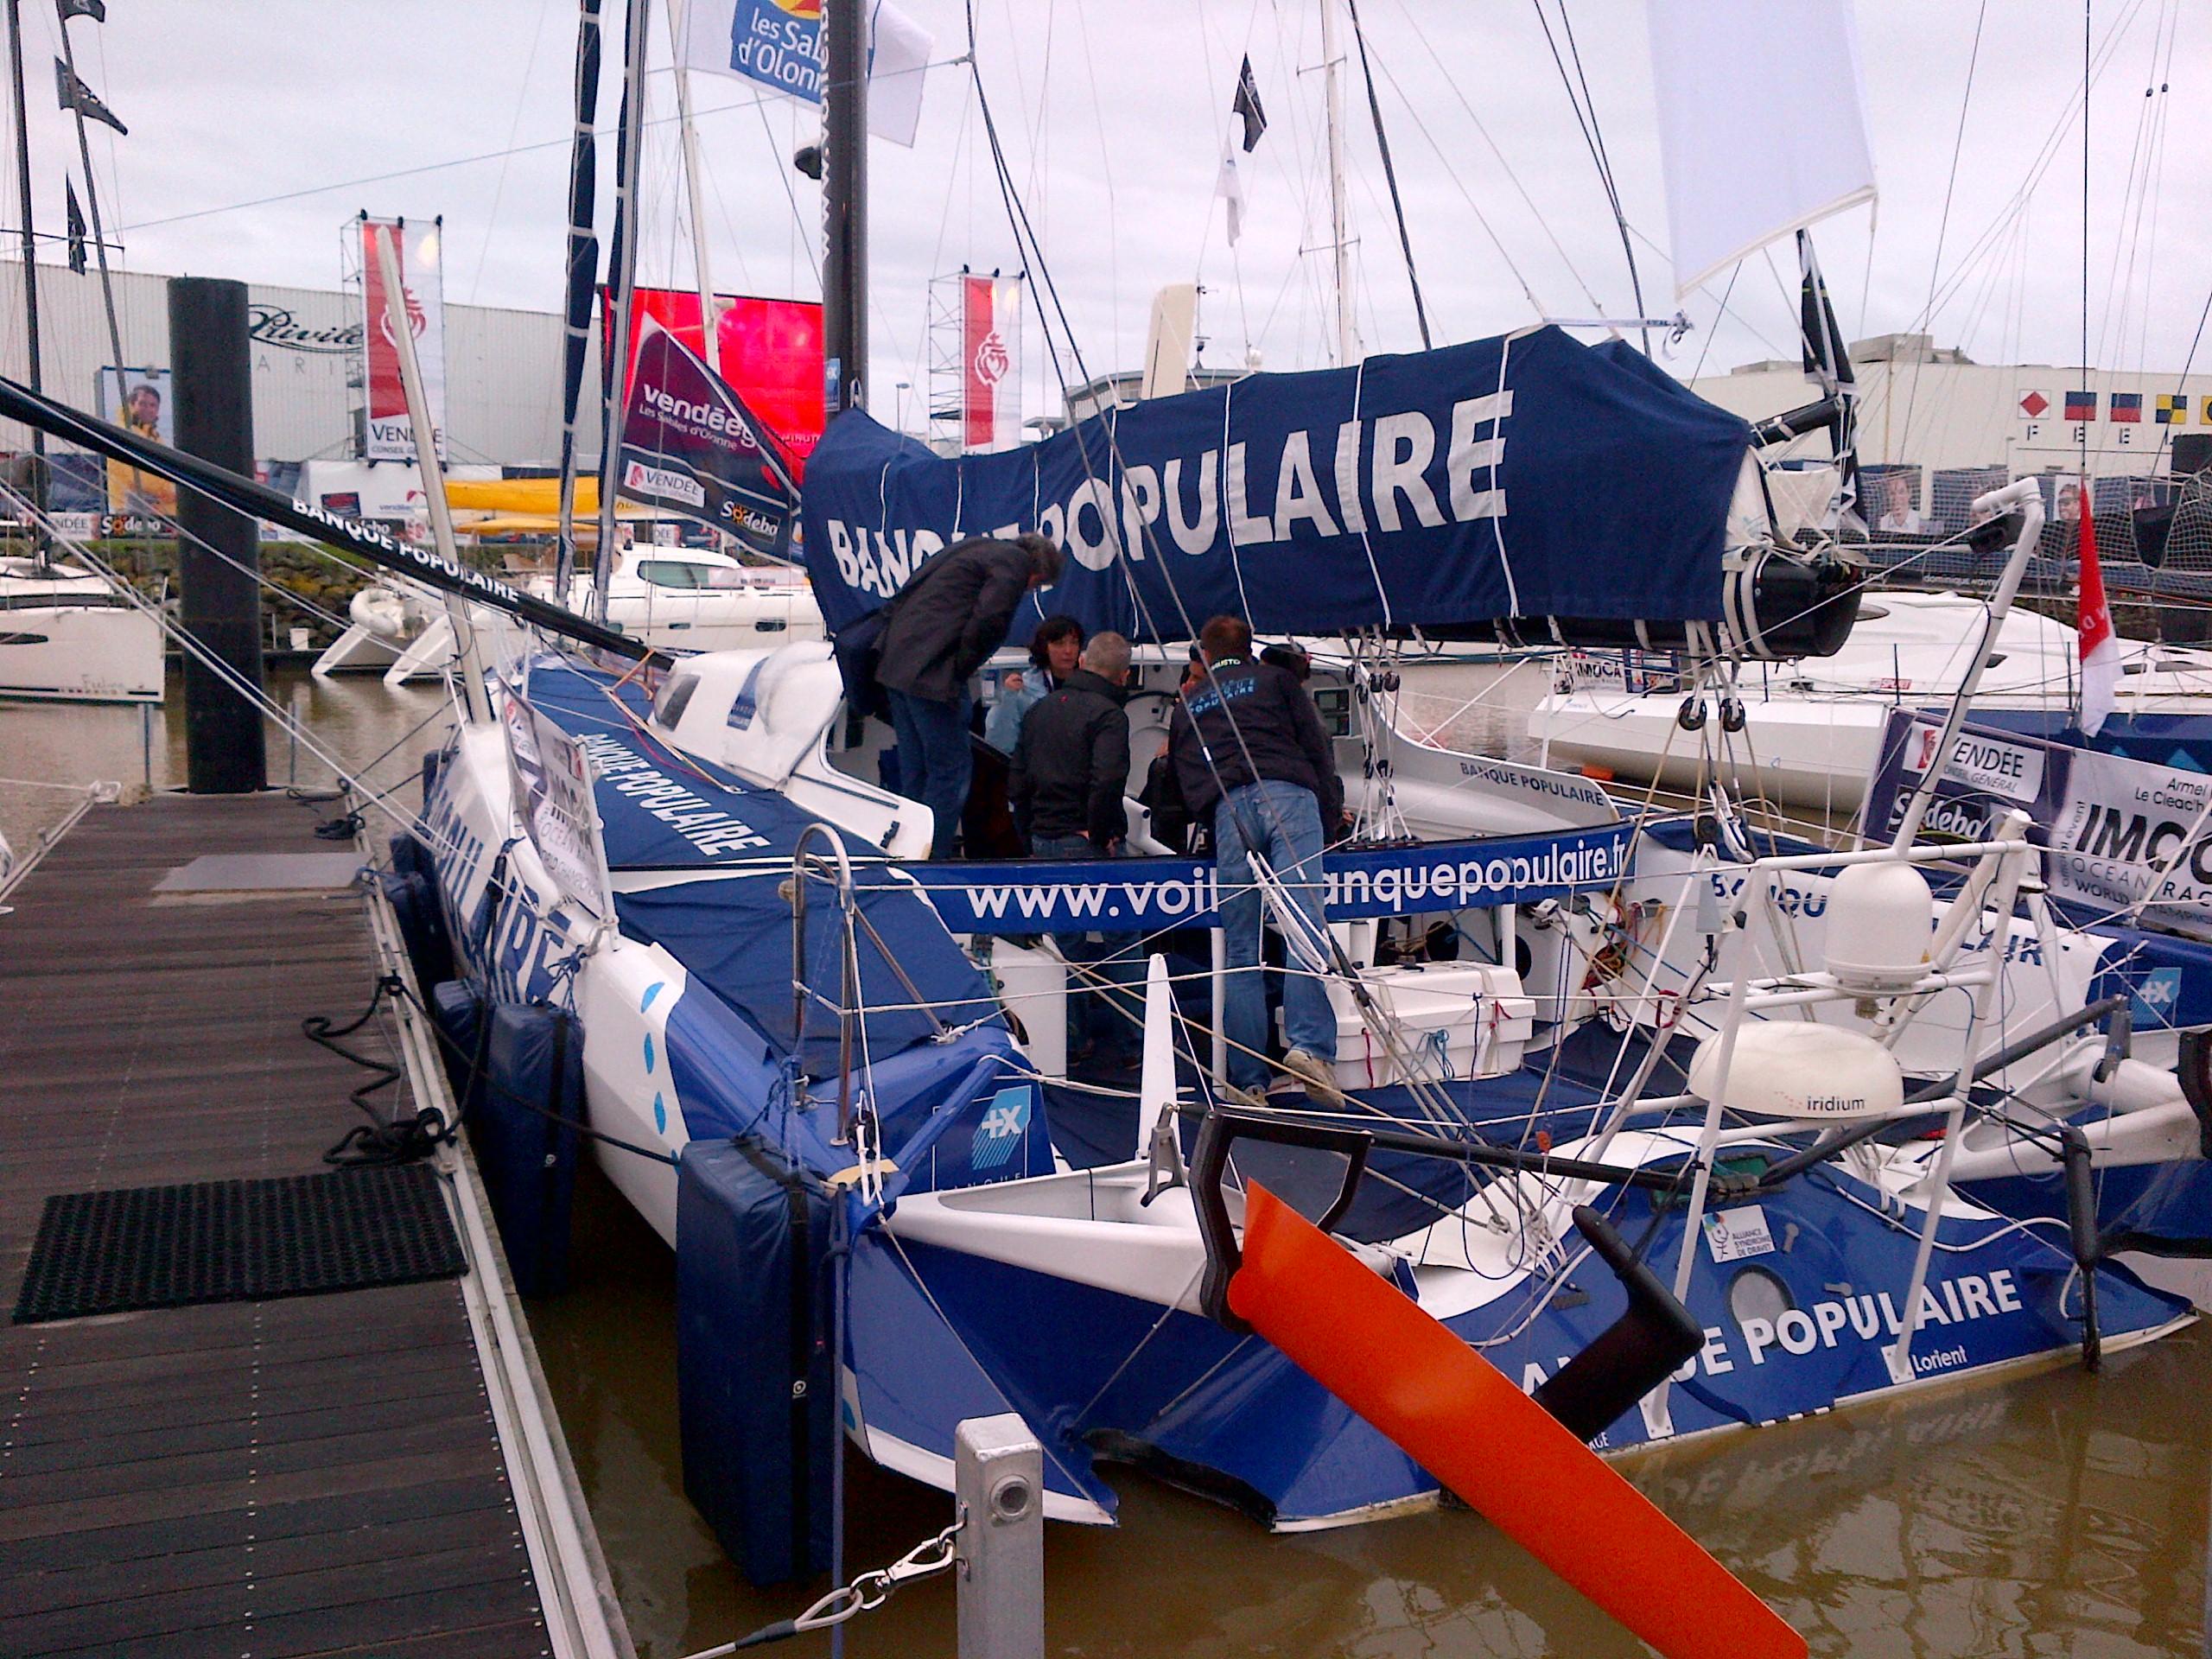 Armel sur les pontons du Vendée Globe  - 20/10/2012 - BPCE